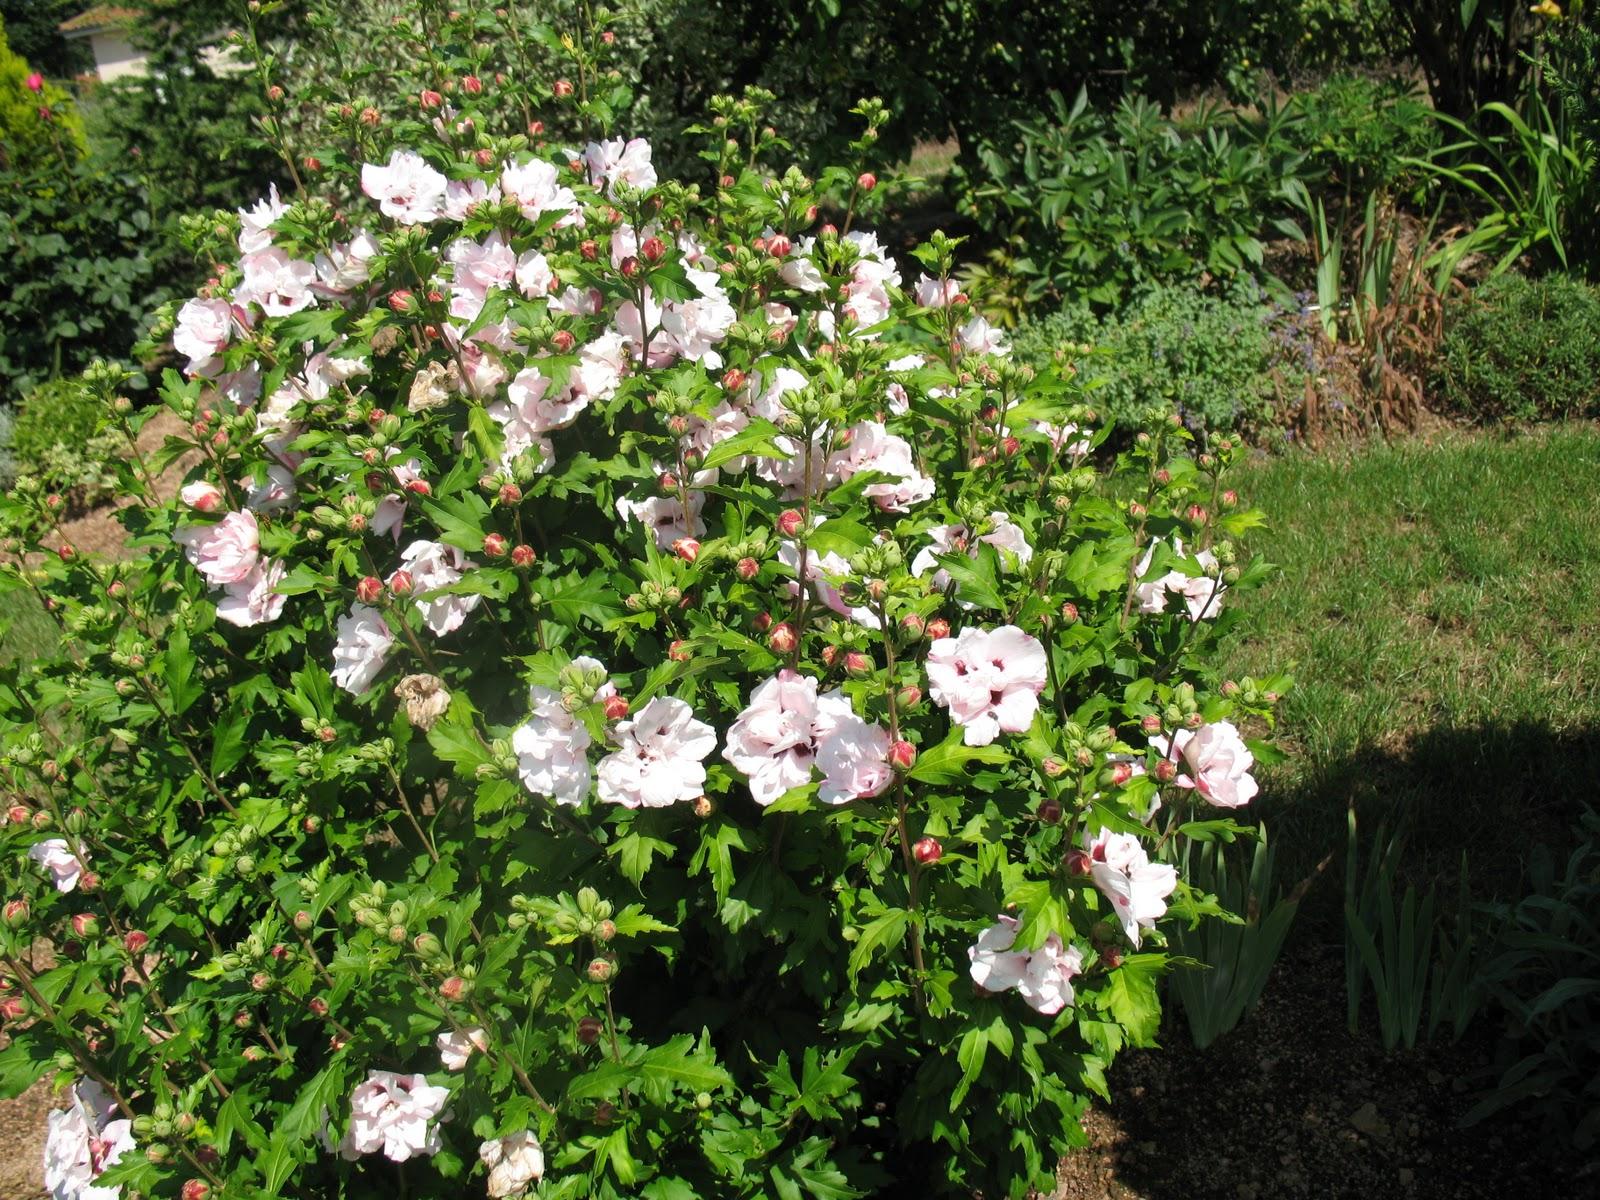 Roses du jardin ch neland taille des arbustes floraison - Taille des orchidees apres floraison ...